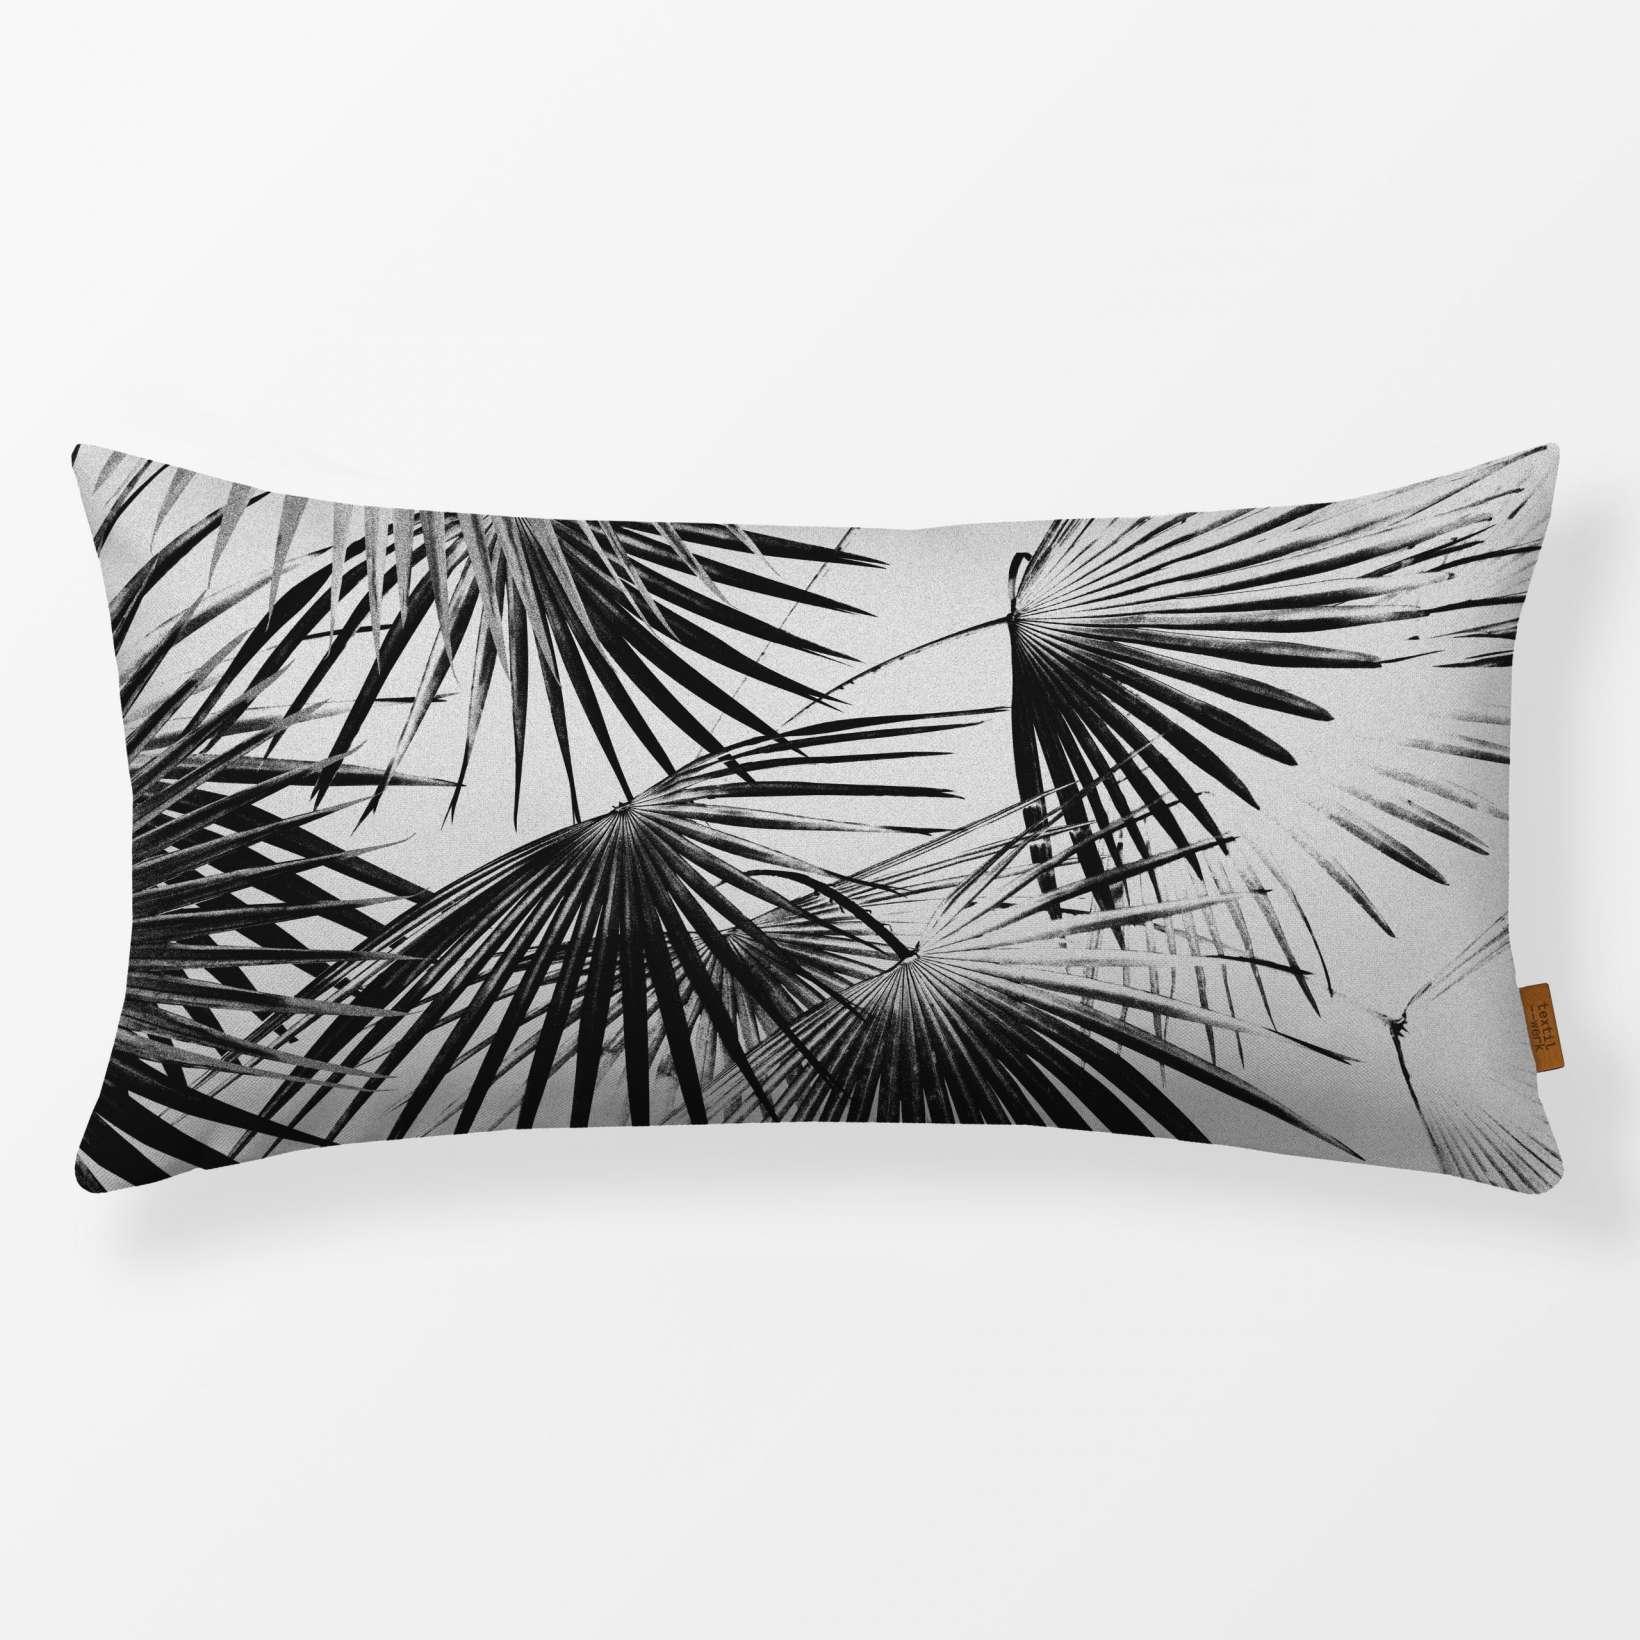 Outdoor-Kissen 30x60cm Tropical